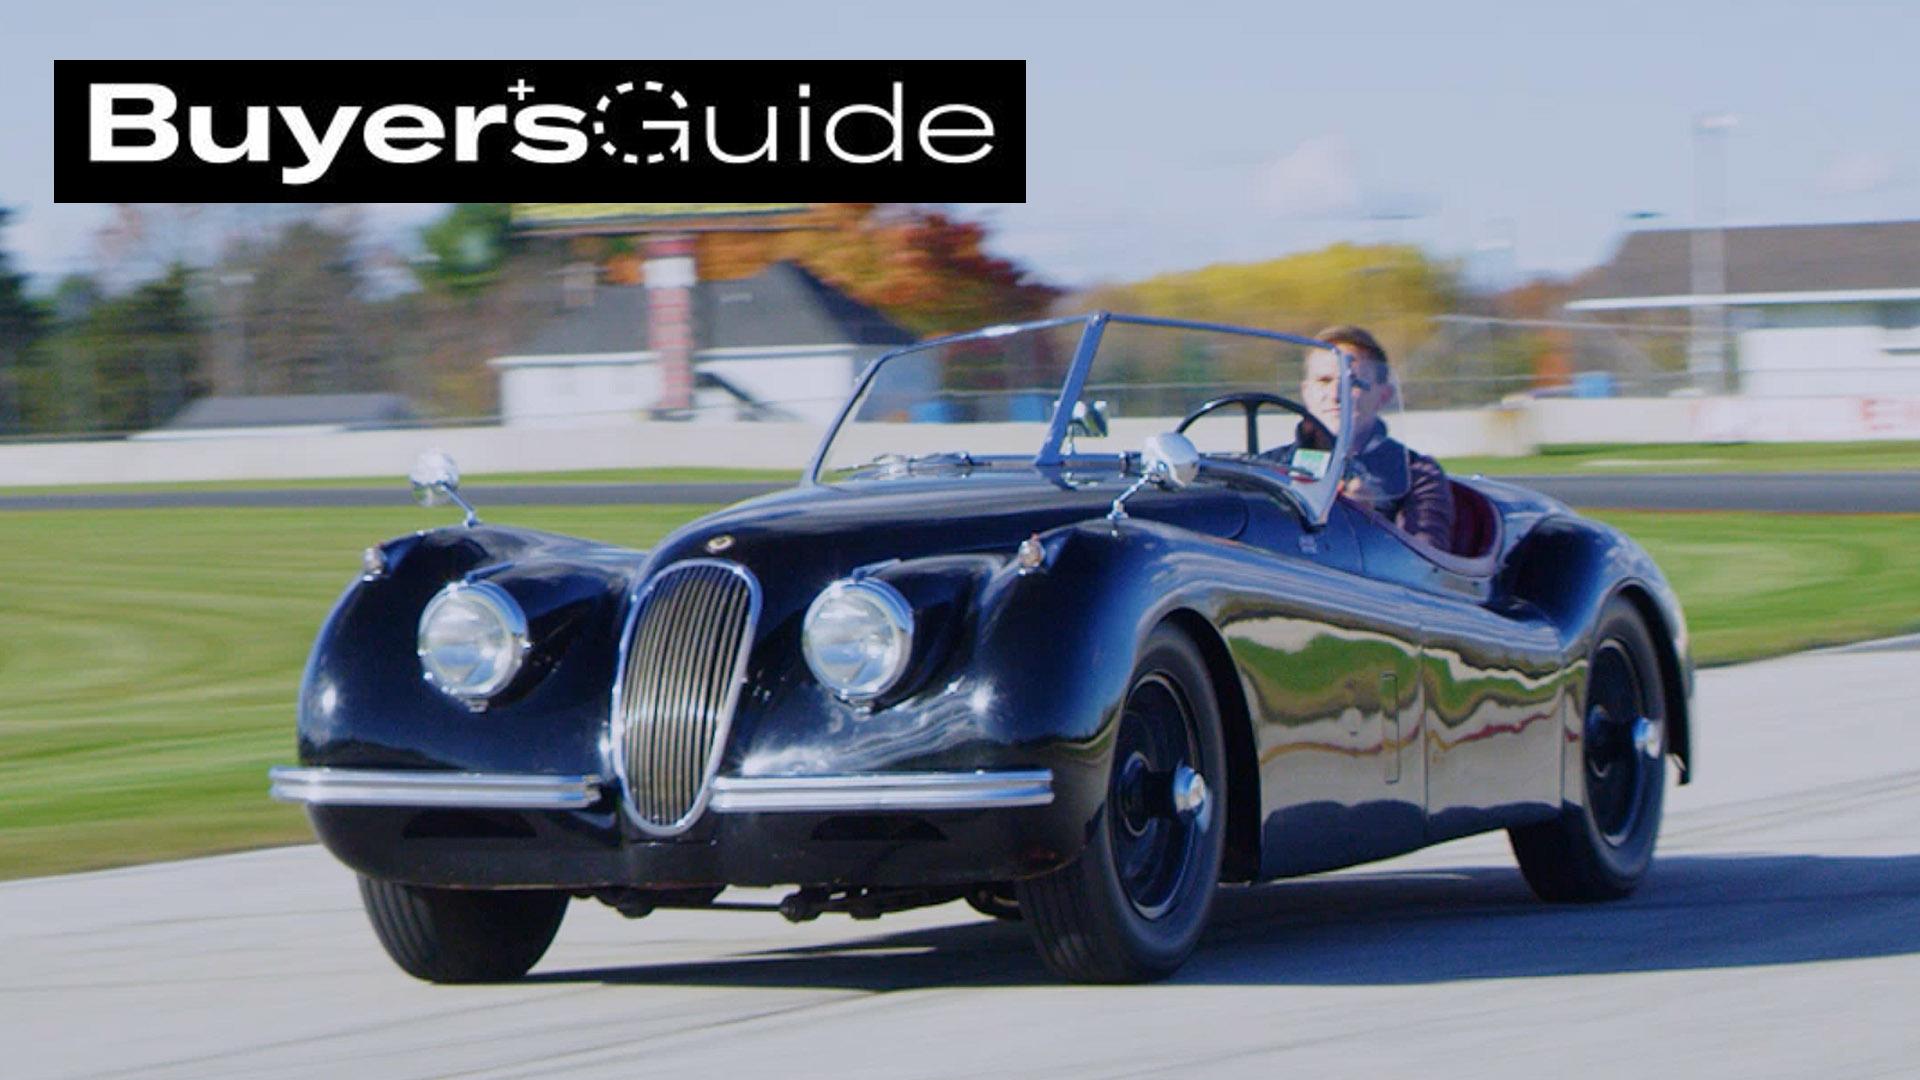 Jaguar XK120 buyers guide